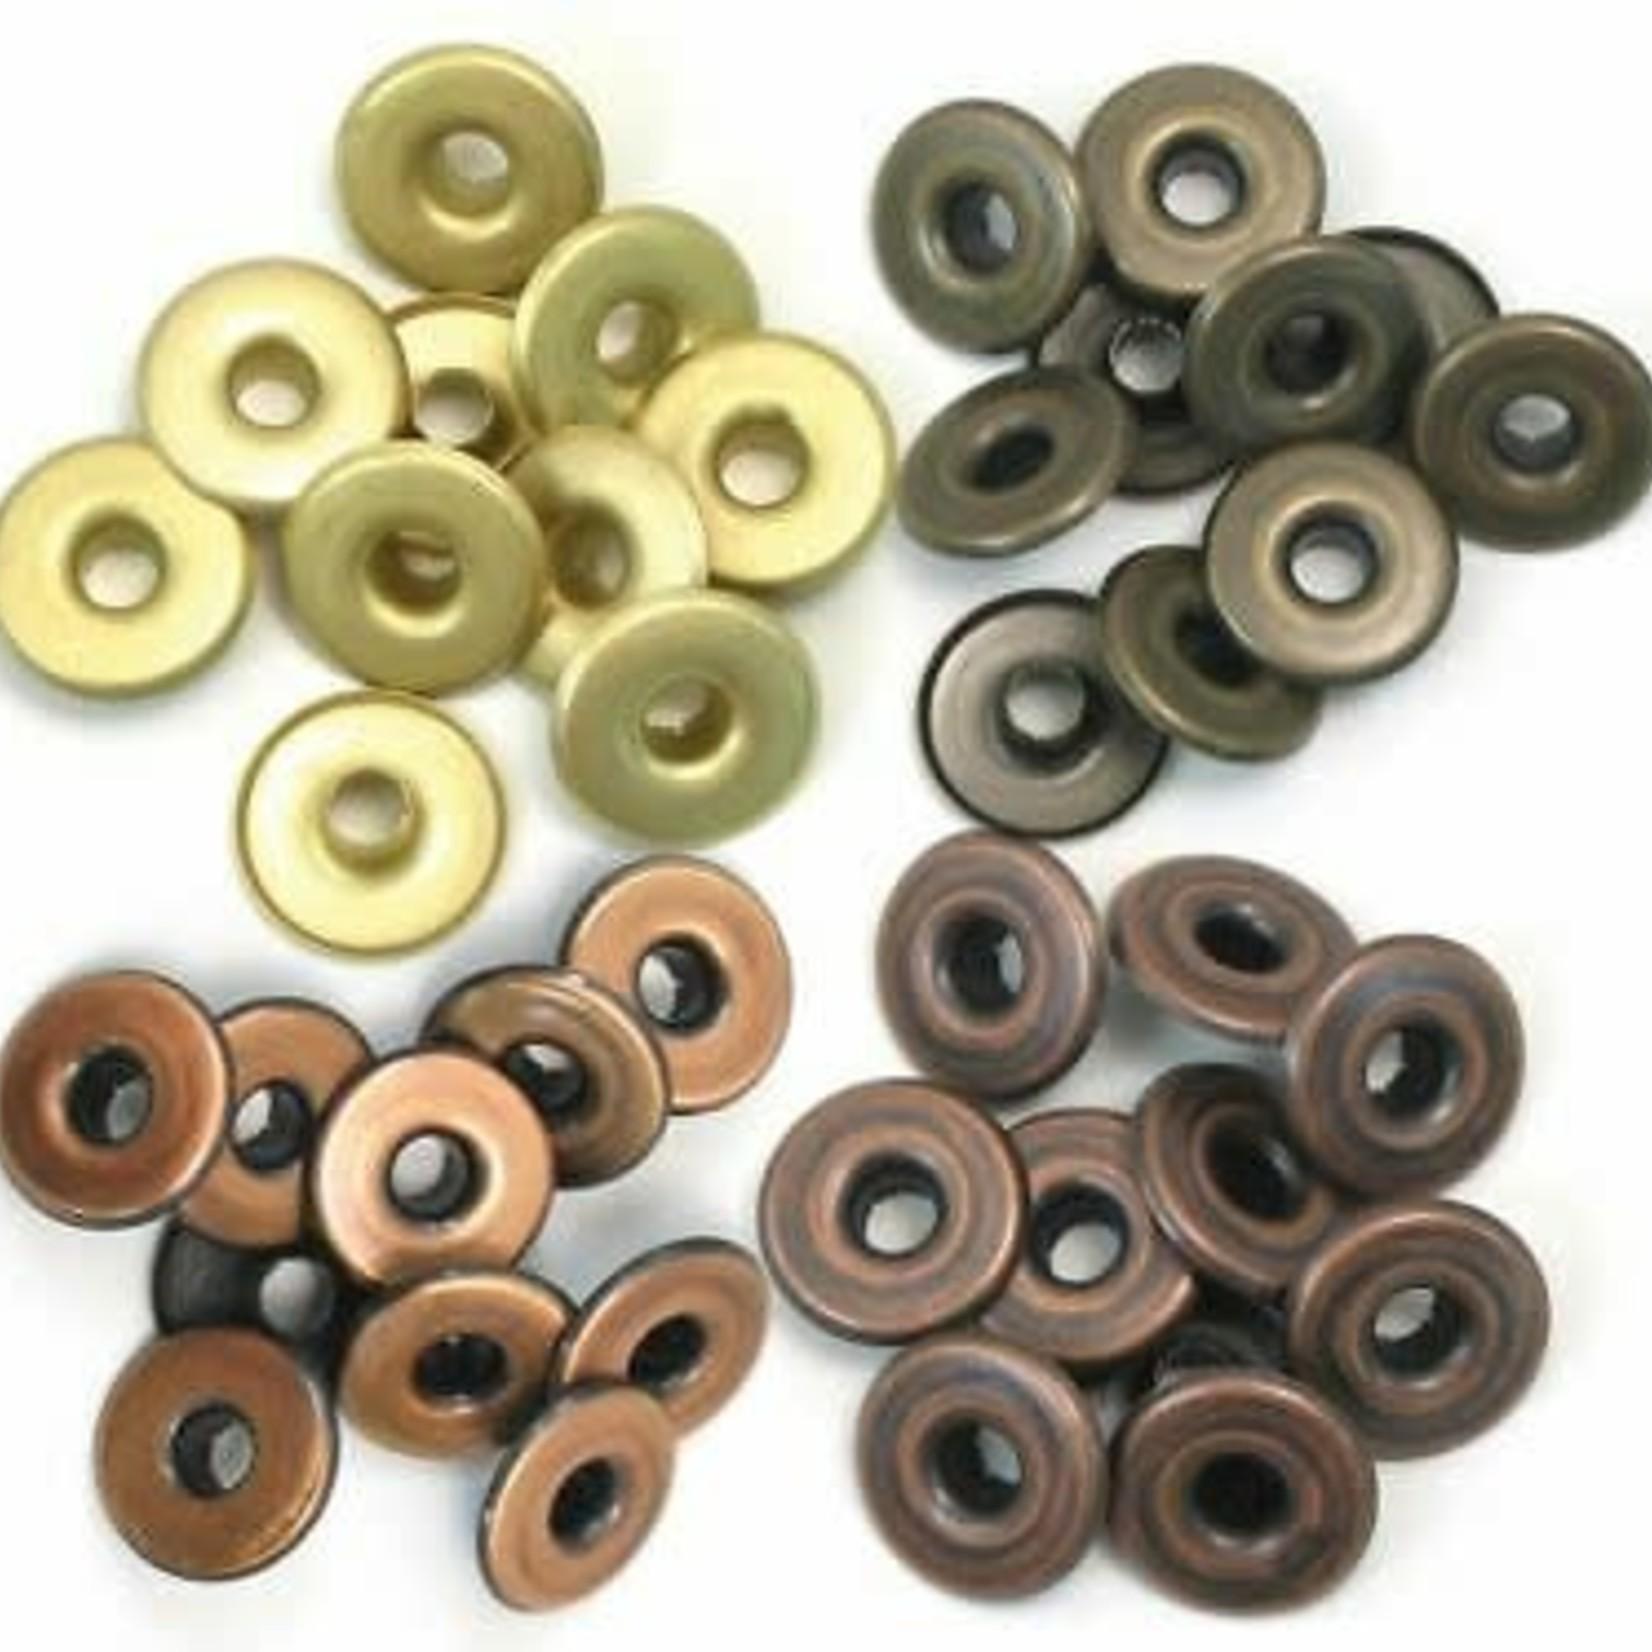 We R memory keepers We R Memory Keepers - Eyelets Wide 40/Pkg-Warm Metal